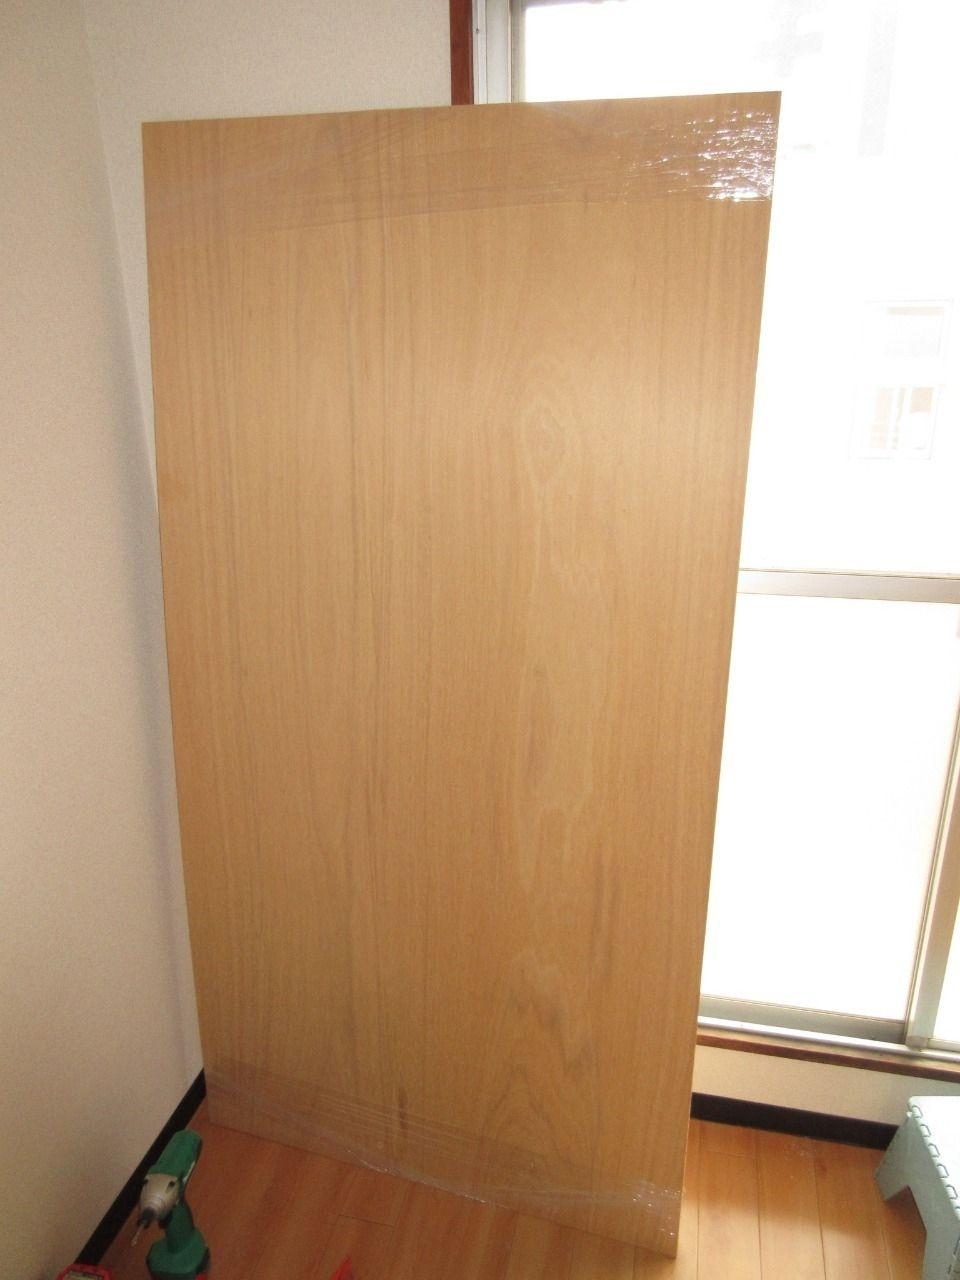 みなさまこんにちは。 仕上げ材の下地となるベニヤ板を取り付けるための下地ができました。 今回はそのベニヤ板を取り付けていきます。